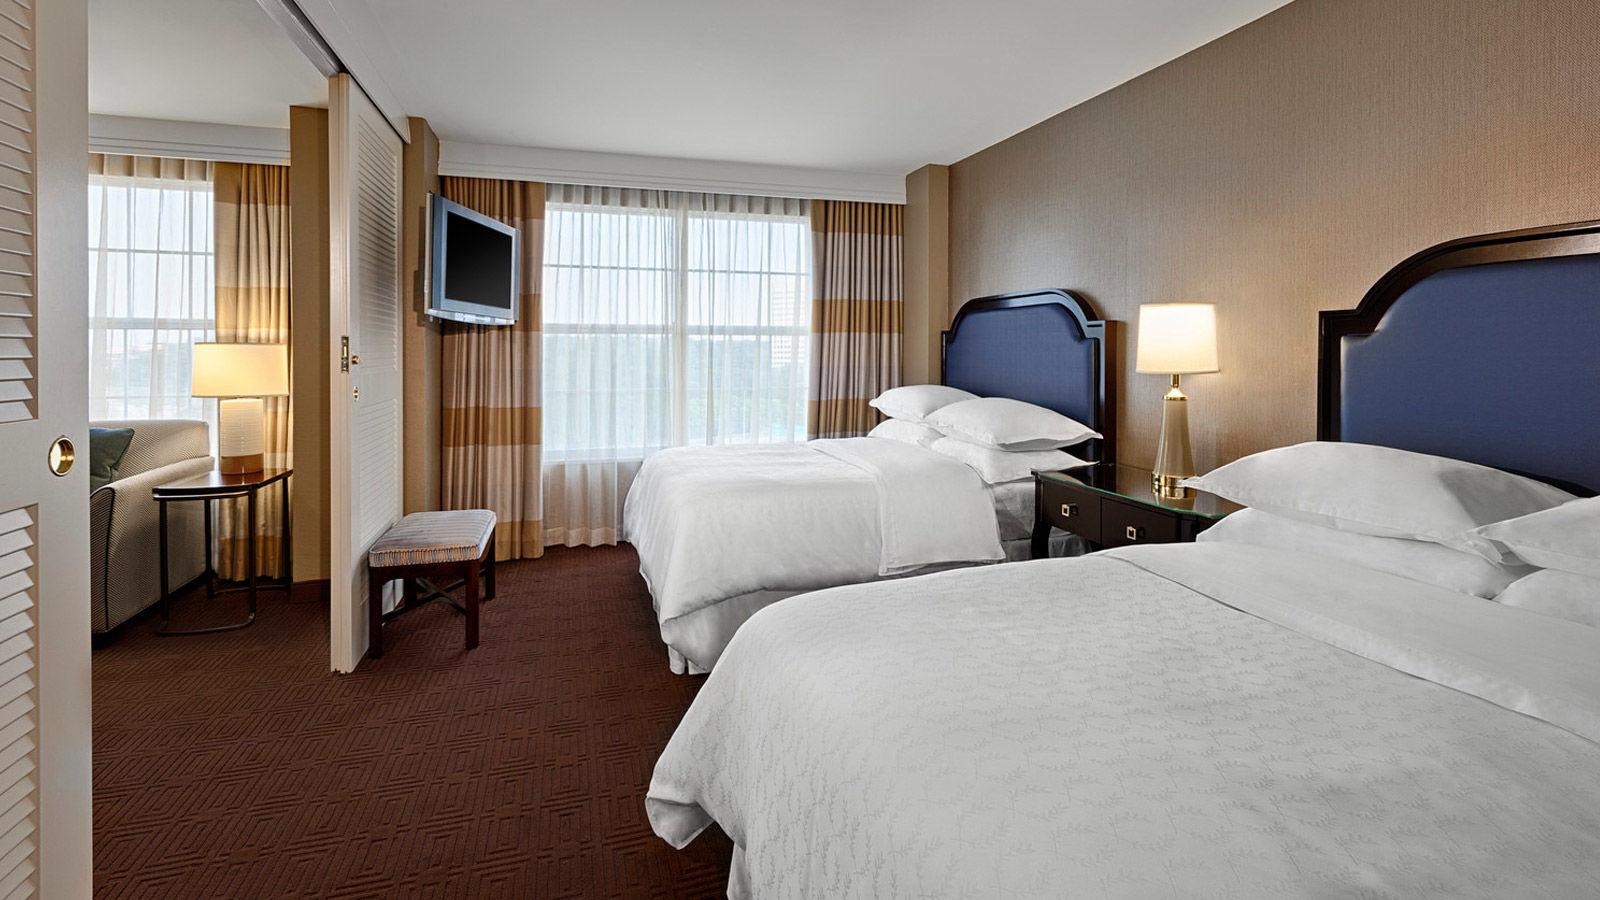 Starwood Suites Sheraton Suites GalleriaAtlanta